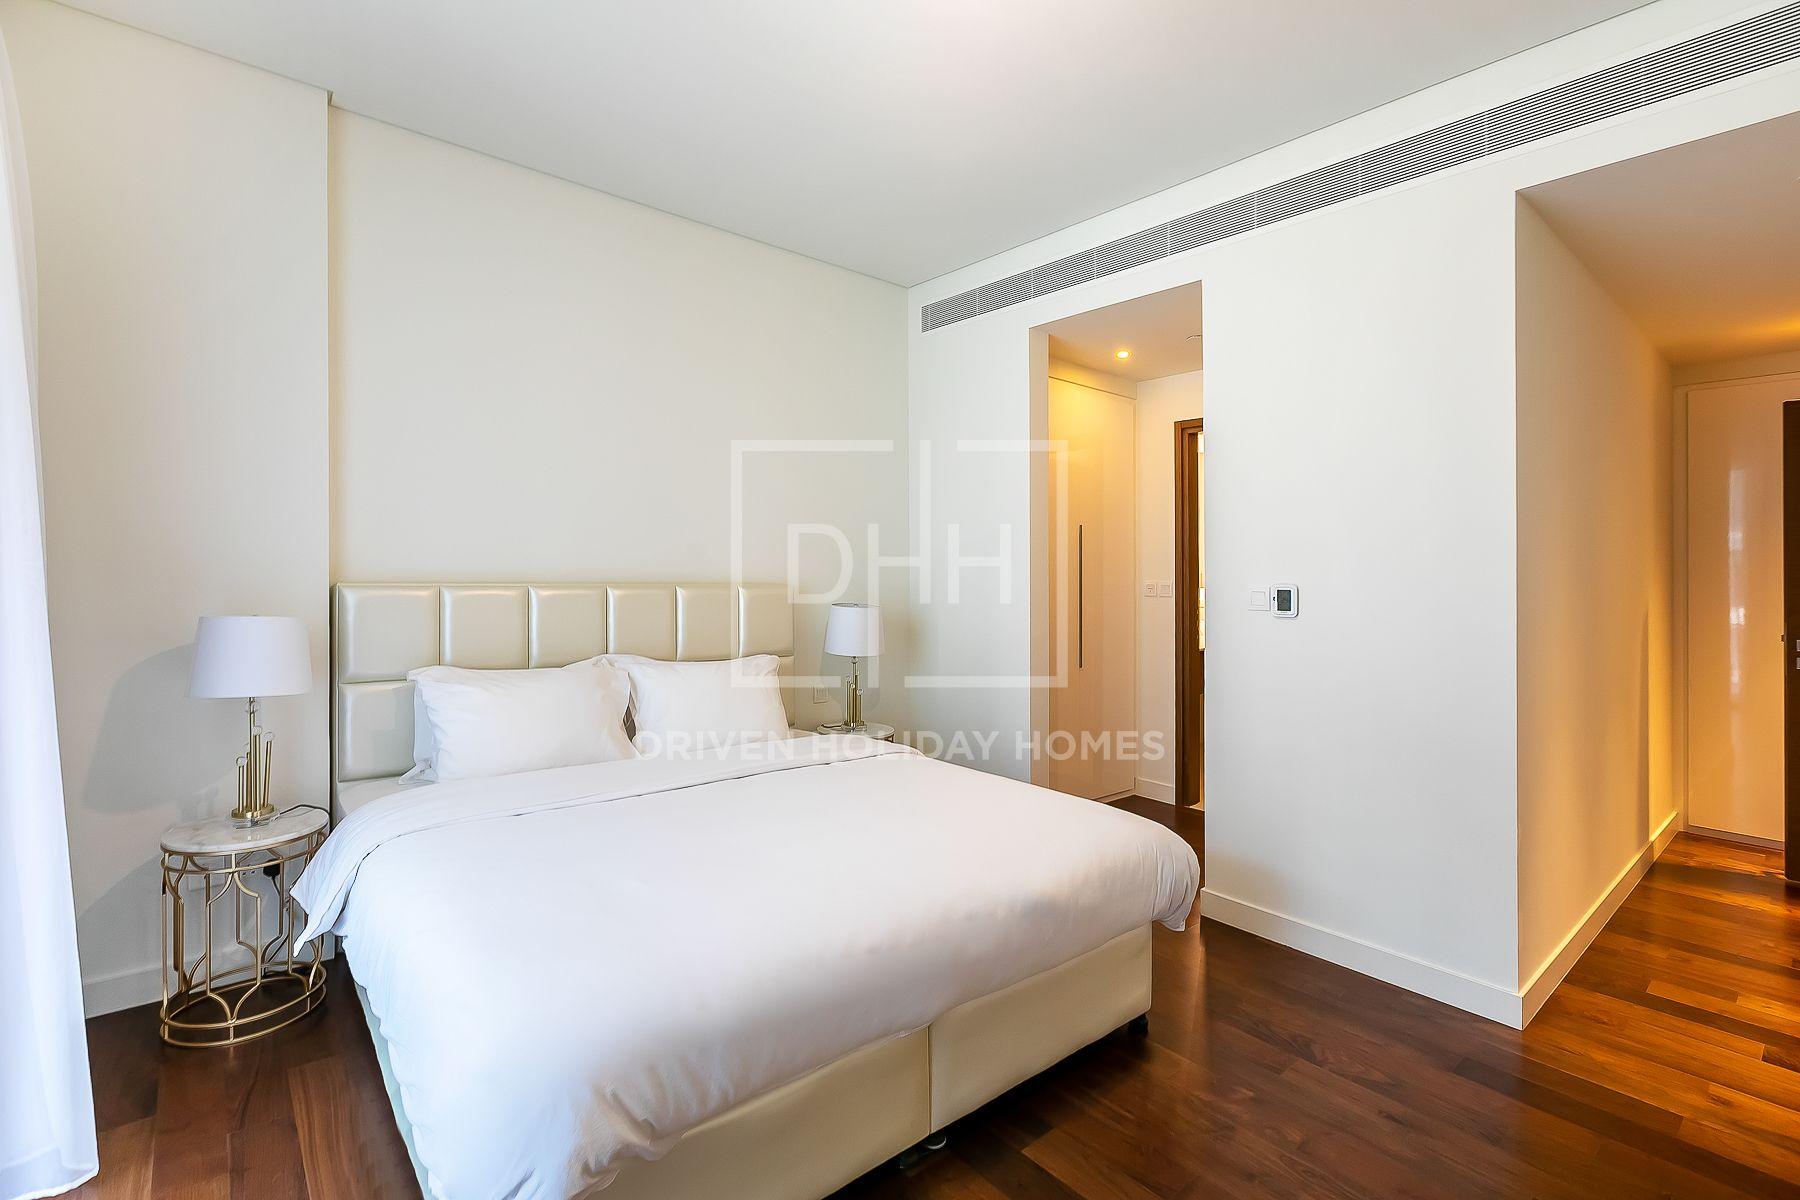 للايجار - شقة - 12 بناية - سيتي ووك